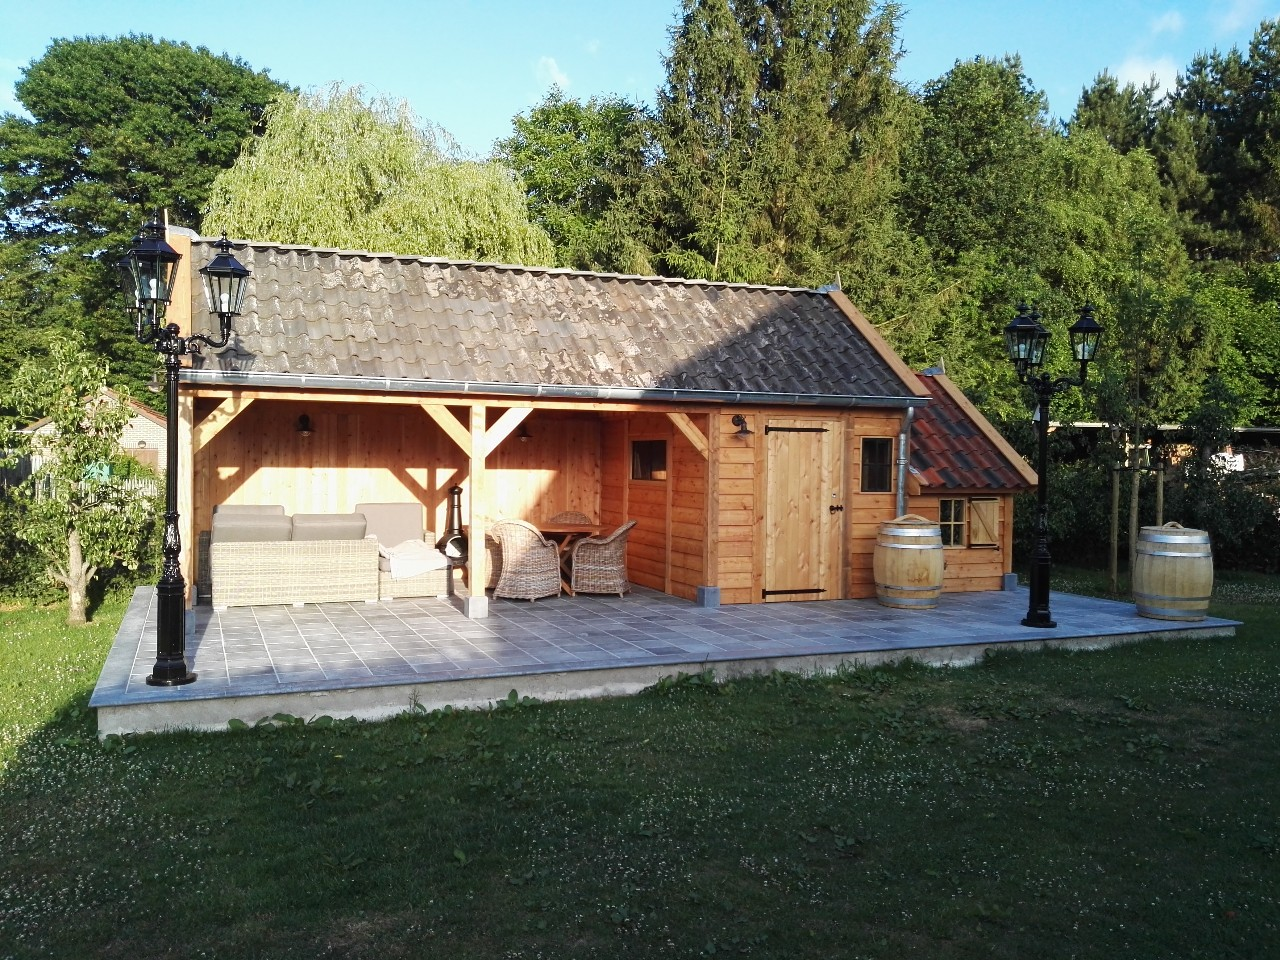 houten-tuinhuis-met-tuinkamer-1 - Project Lummen: Houten tuinhuis met tuinkamer